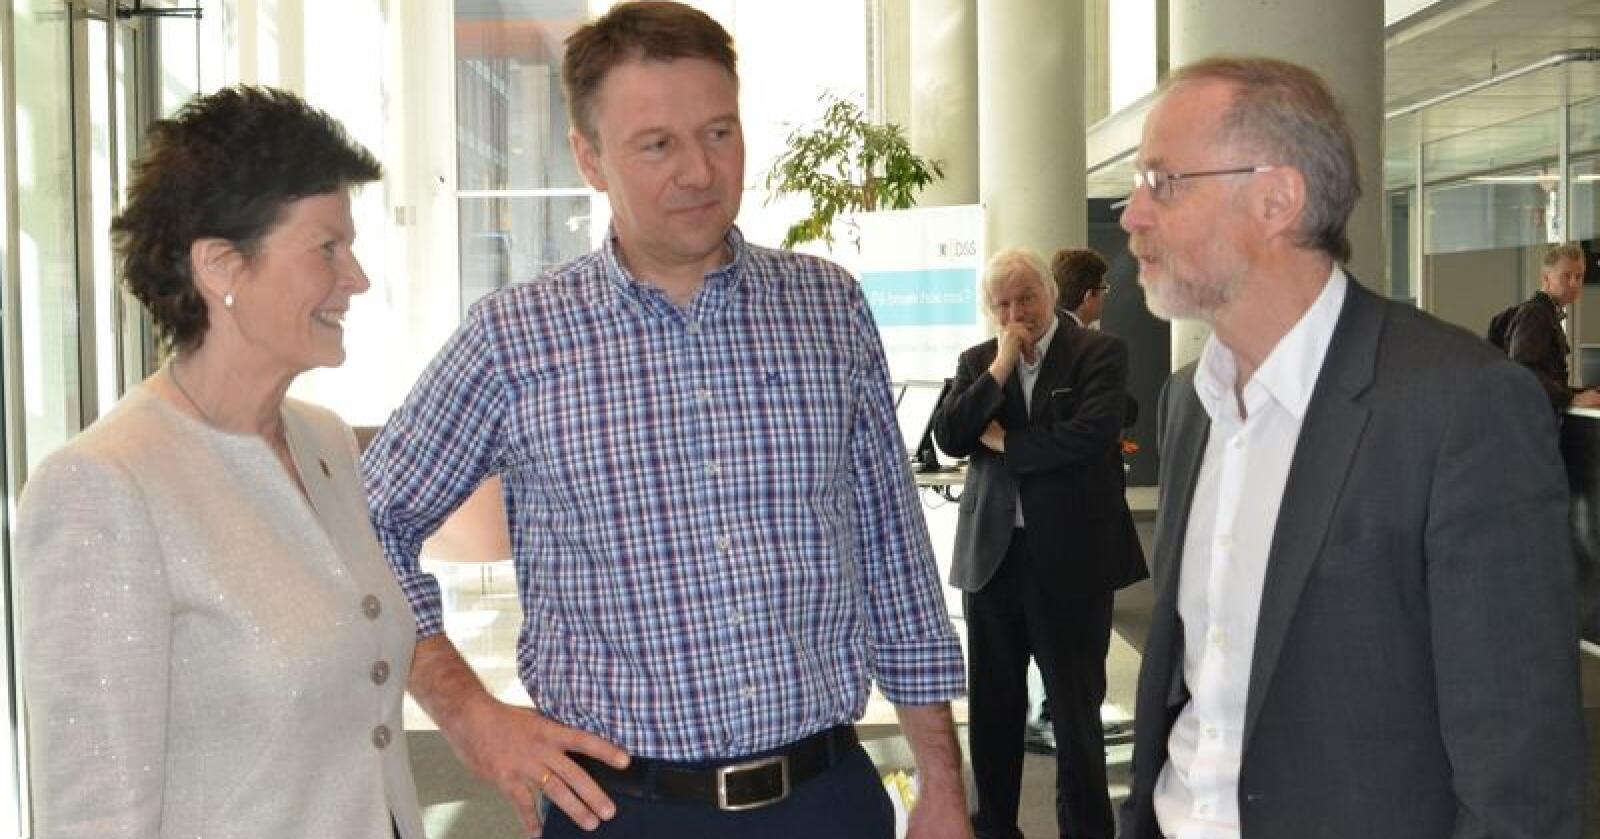 Merete Furuberg og Lars Petter Bartnes er i gang med forhandlinger om en krisepakke til landbruket. Foto: Stian Eide